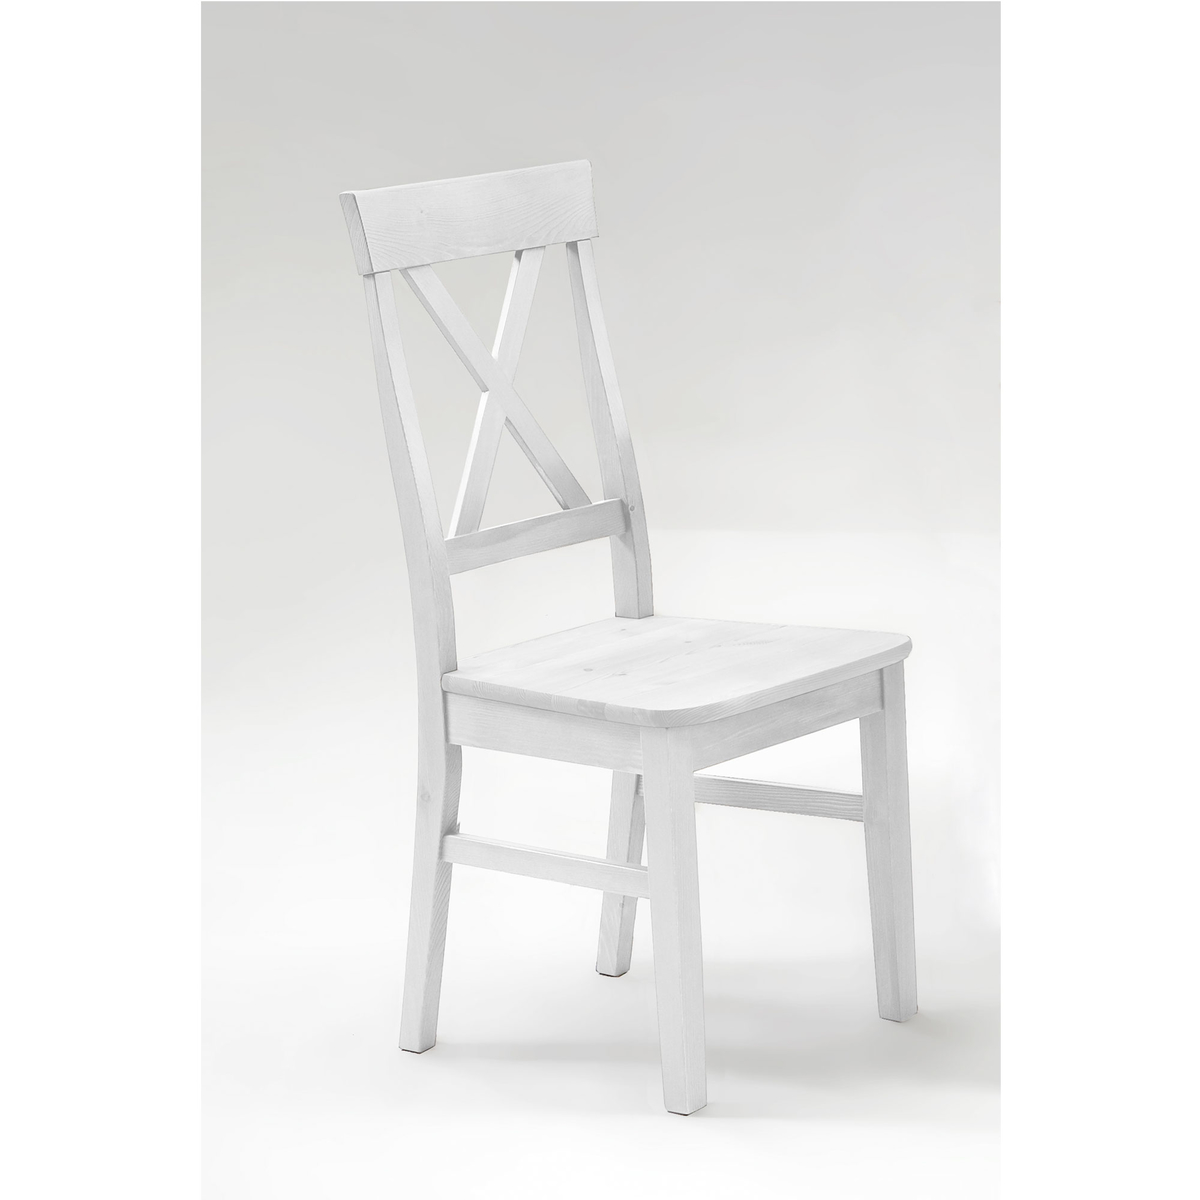 Esszimmer k chen stuhl bergen kiefer massiv von jumek for Stuhl design esszimmer